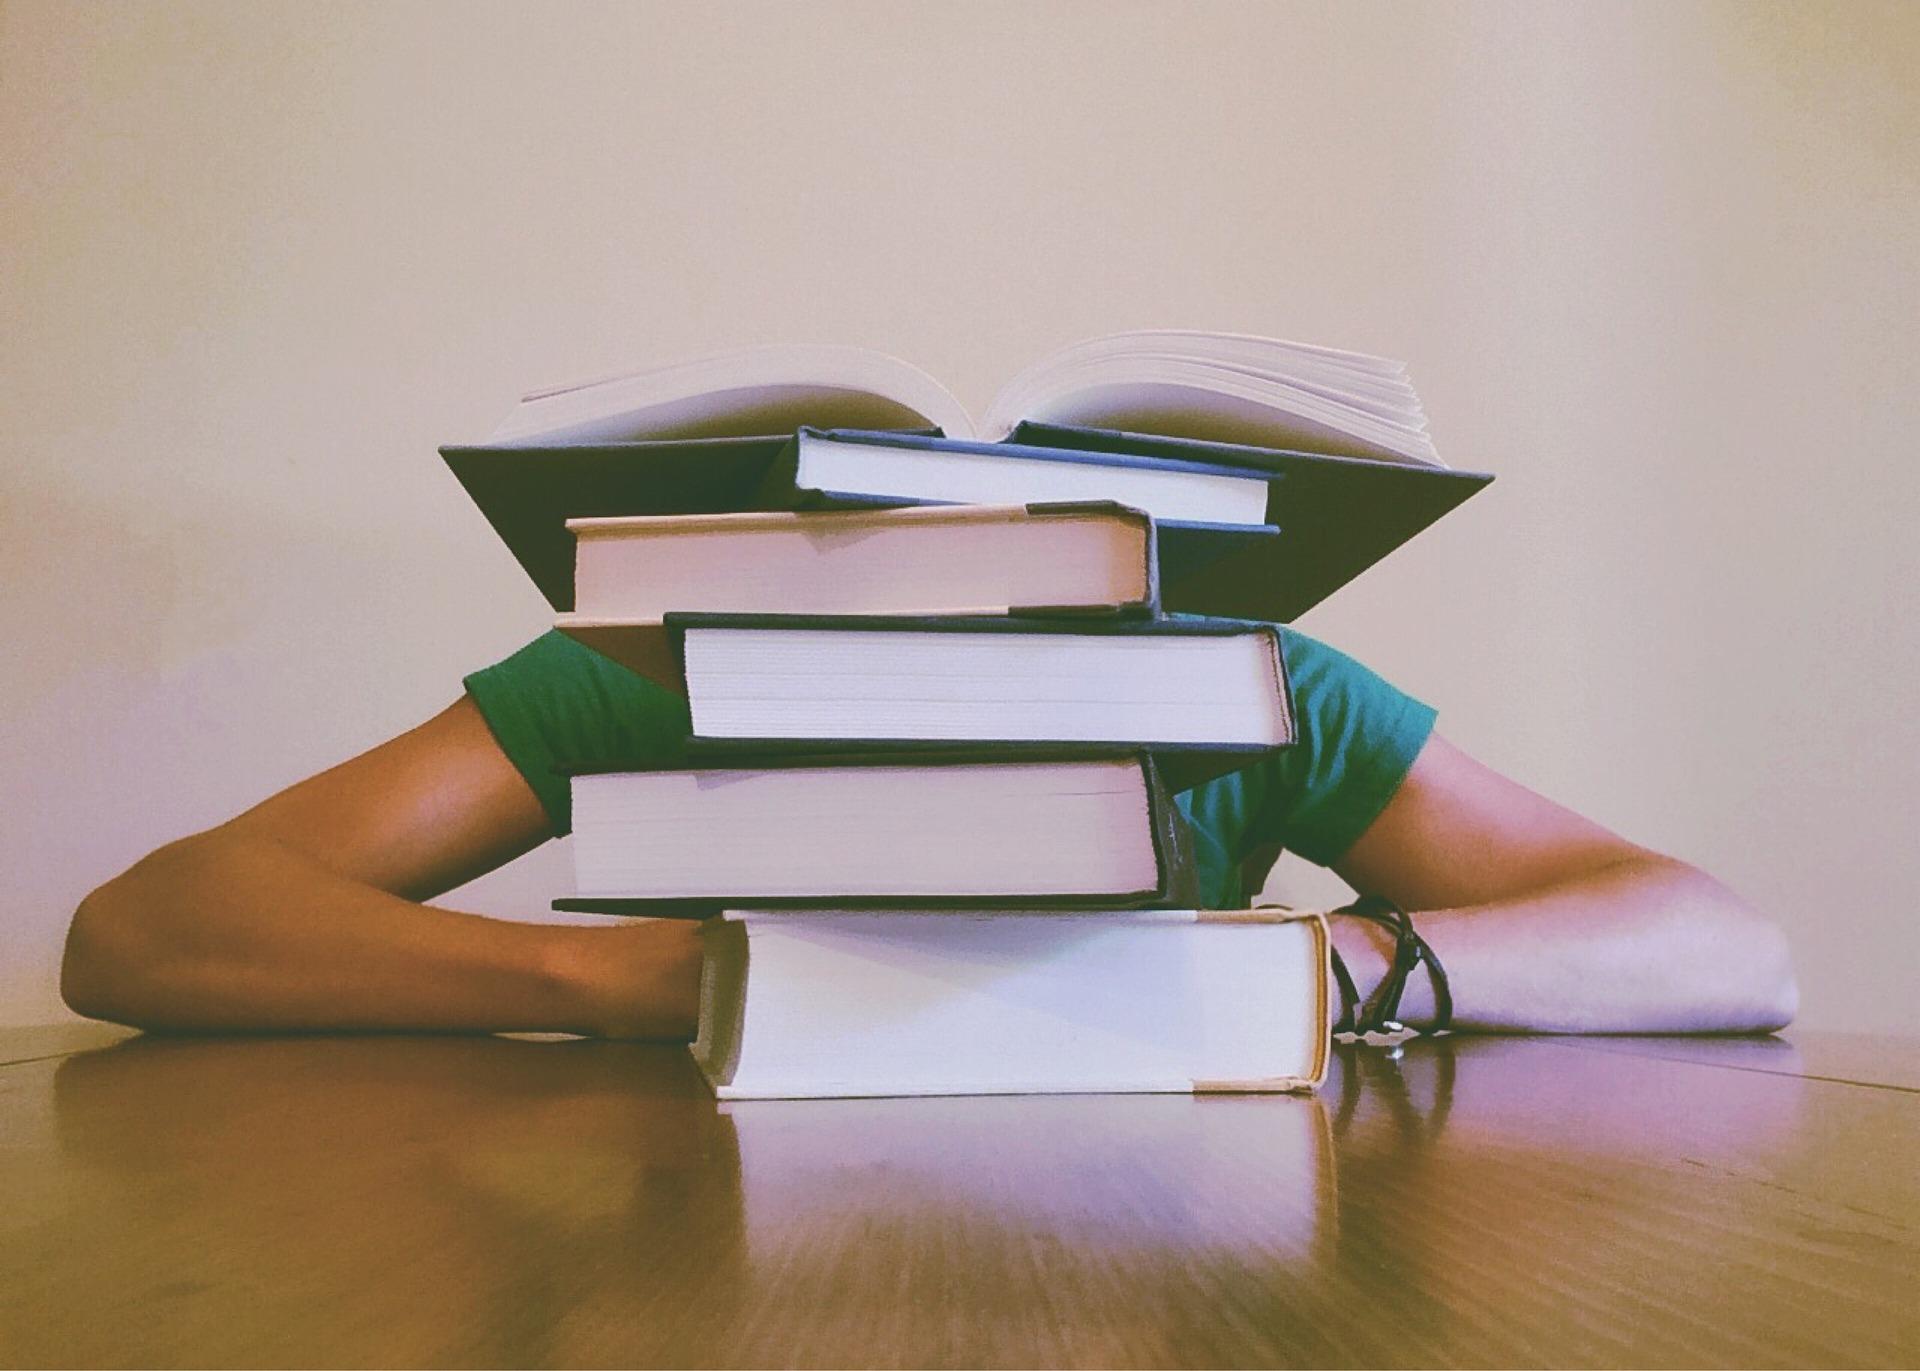 como ler livros resumo e avaliacao